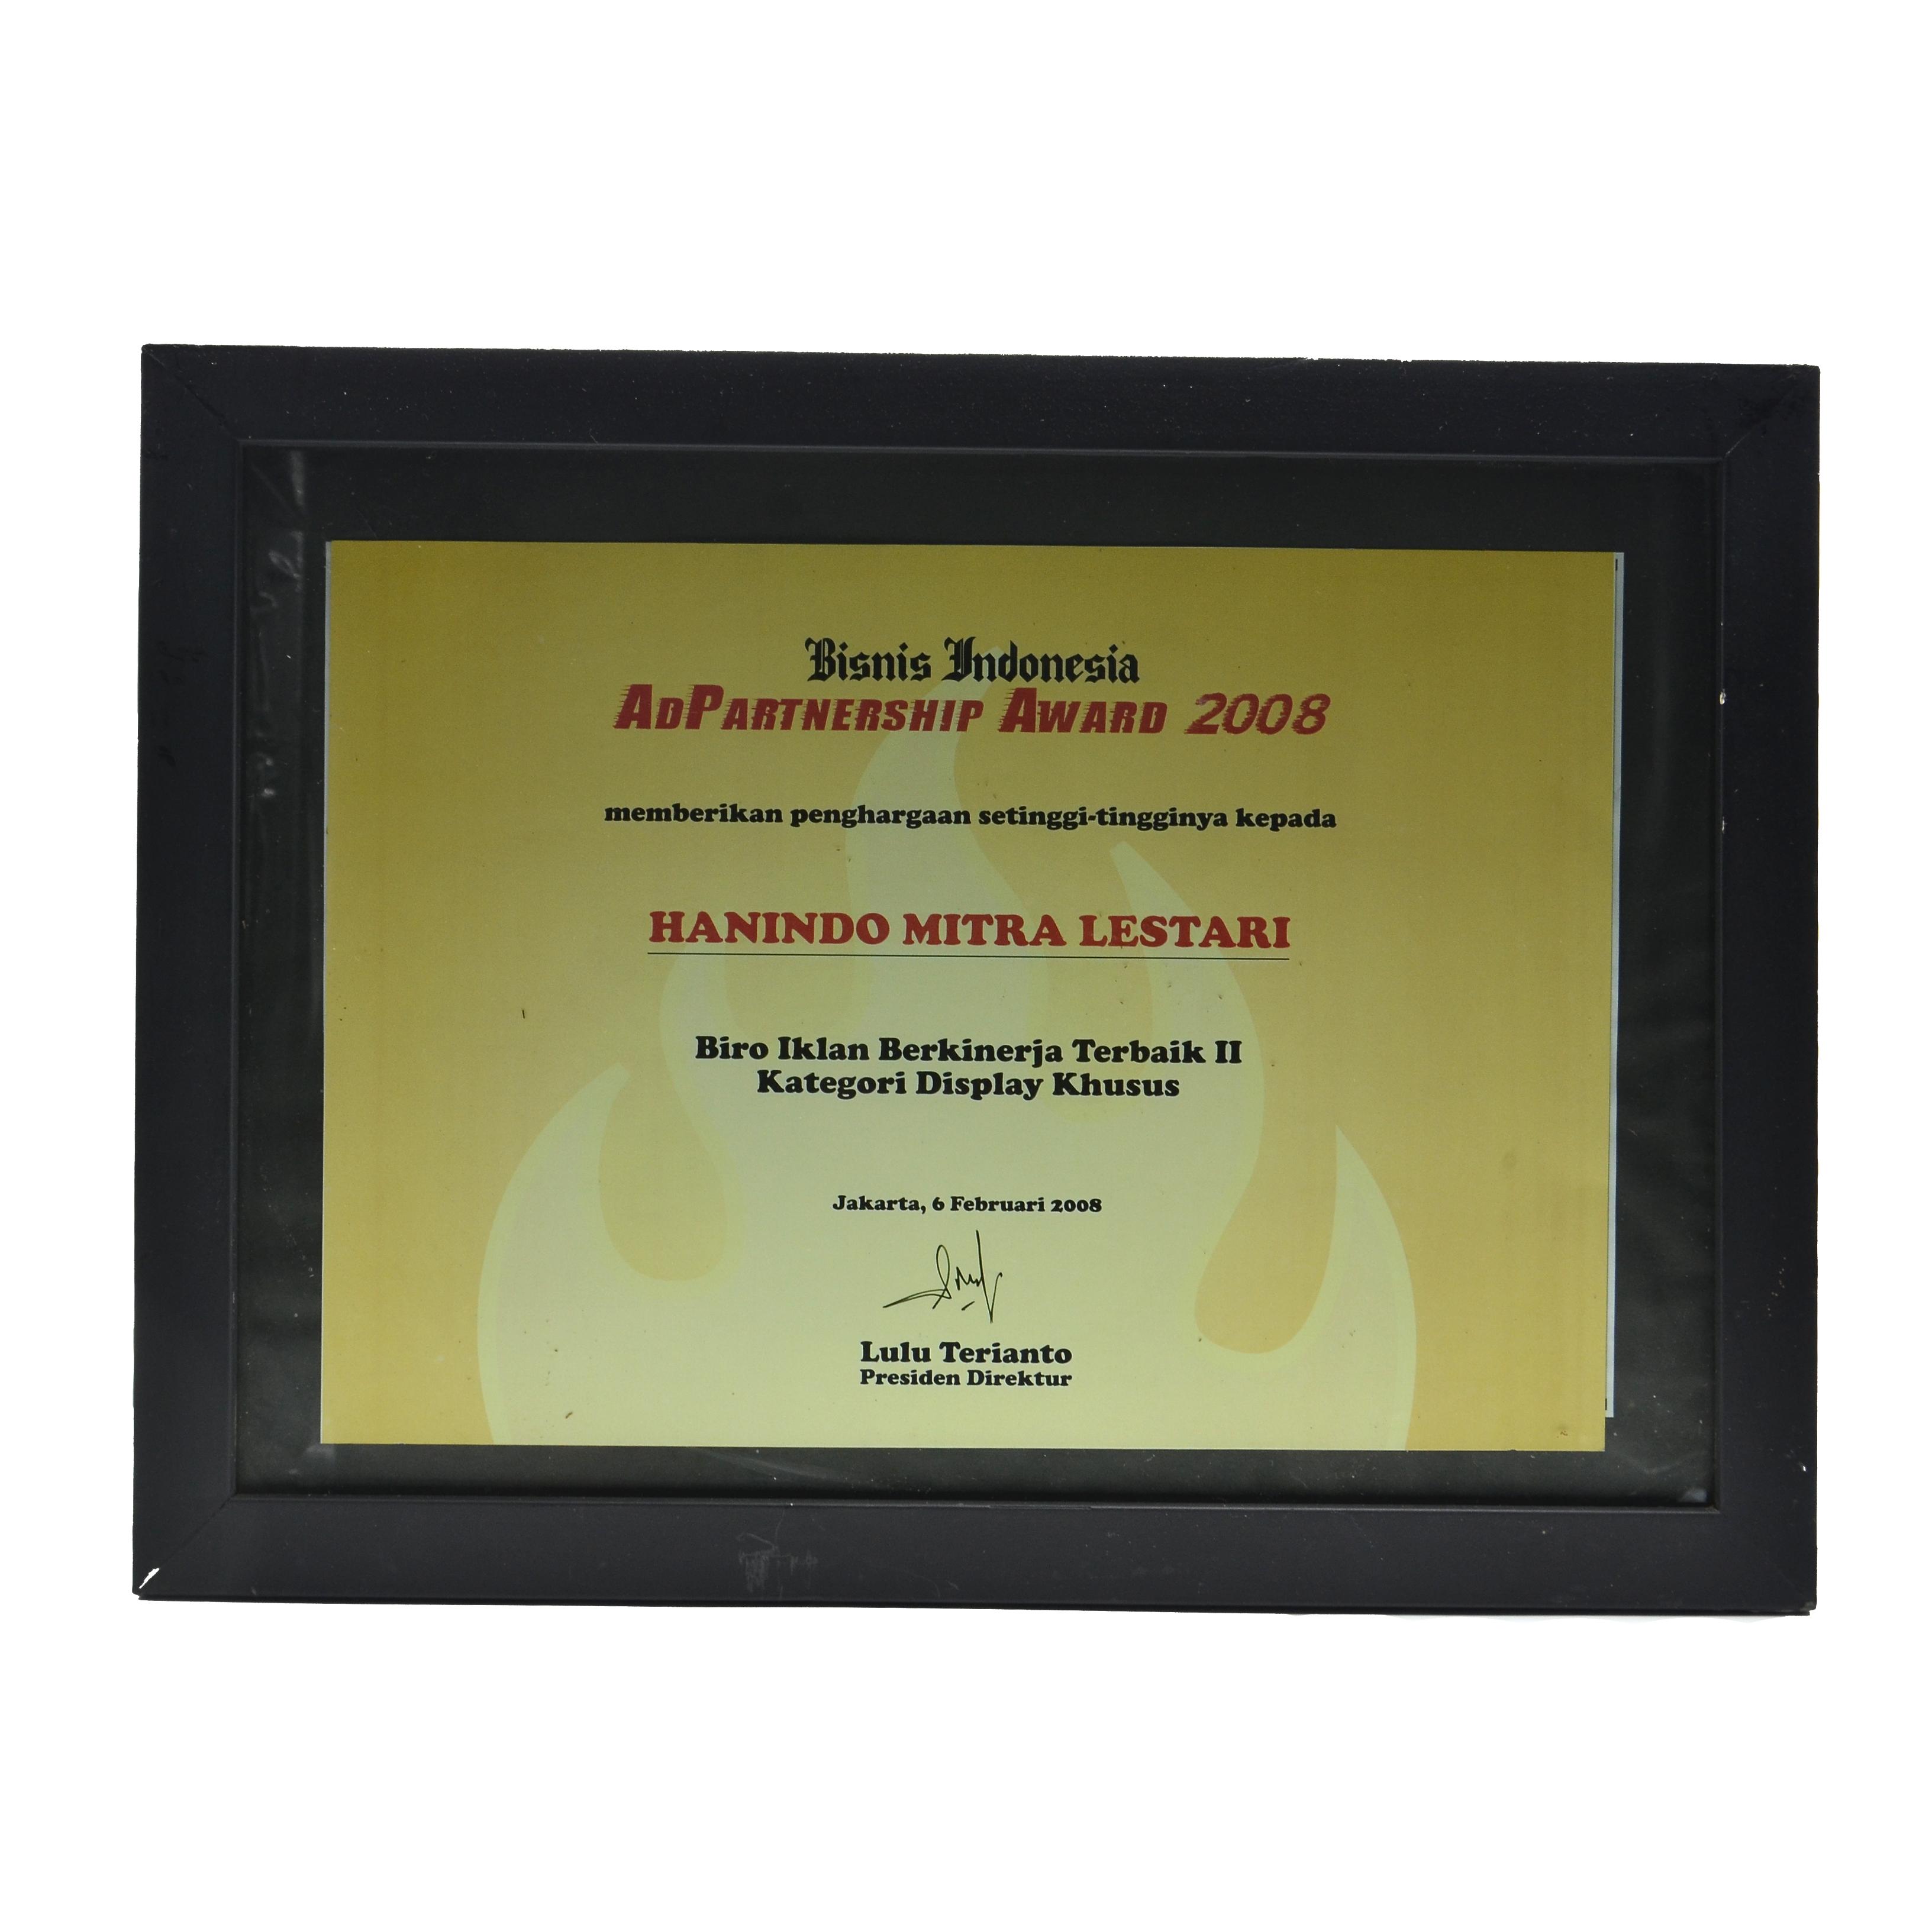 Bisnis Indonesia Biro Iklan Terbaik - Hanindo Mitra Lestari